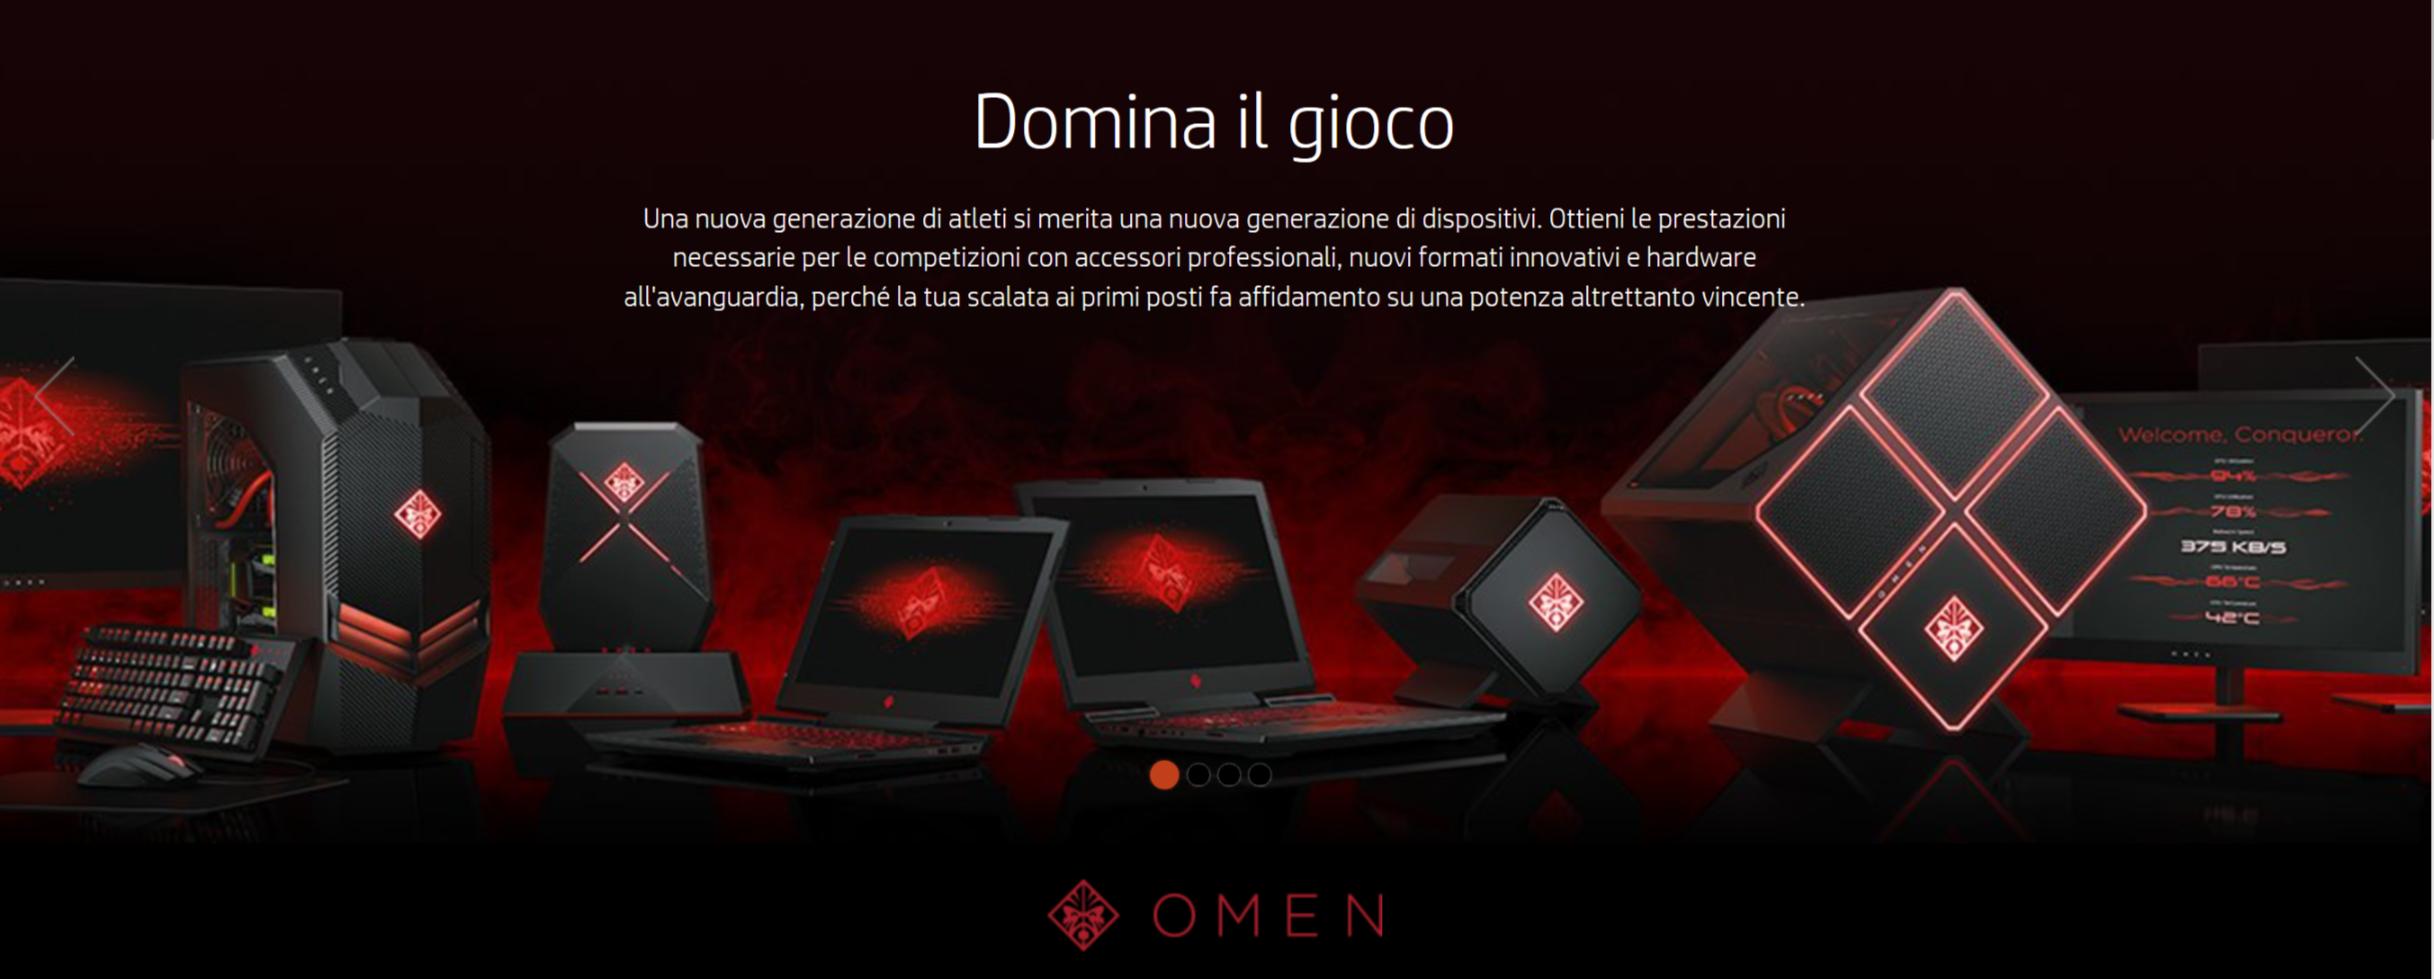 HP aggiorna la gamma PC Omen dedicata al Gaming